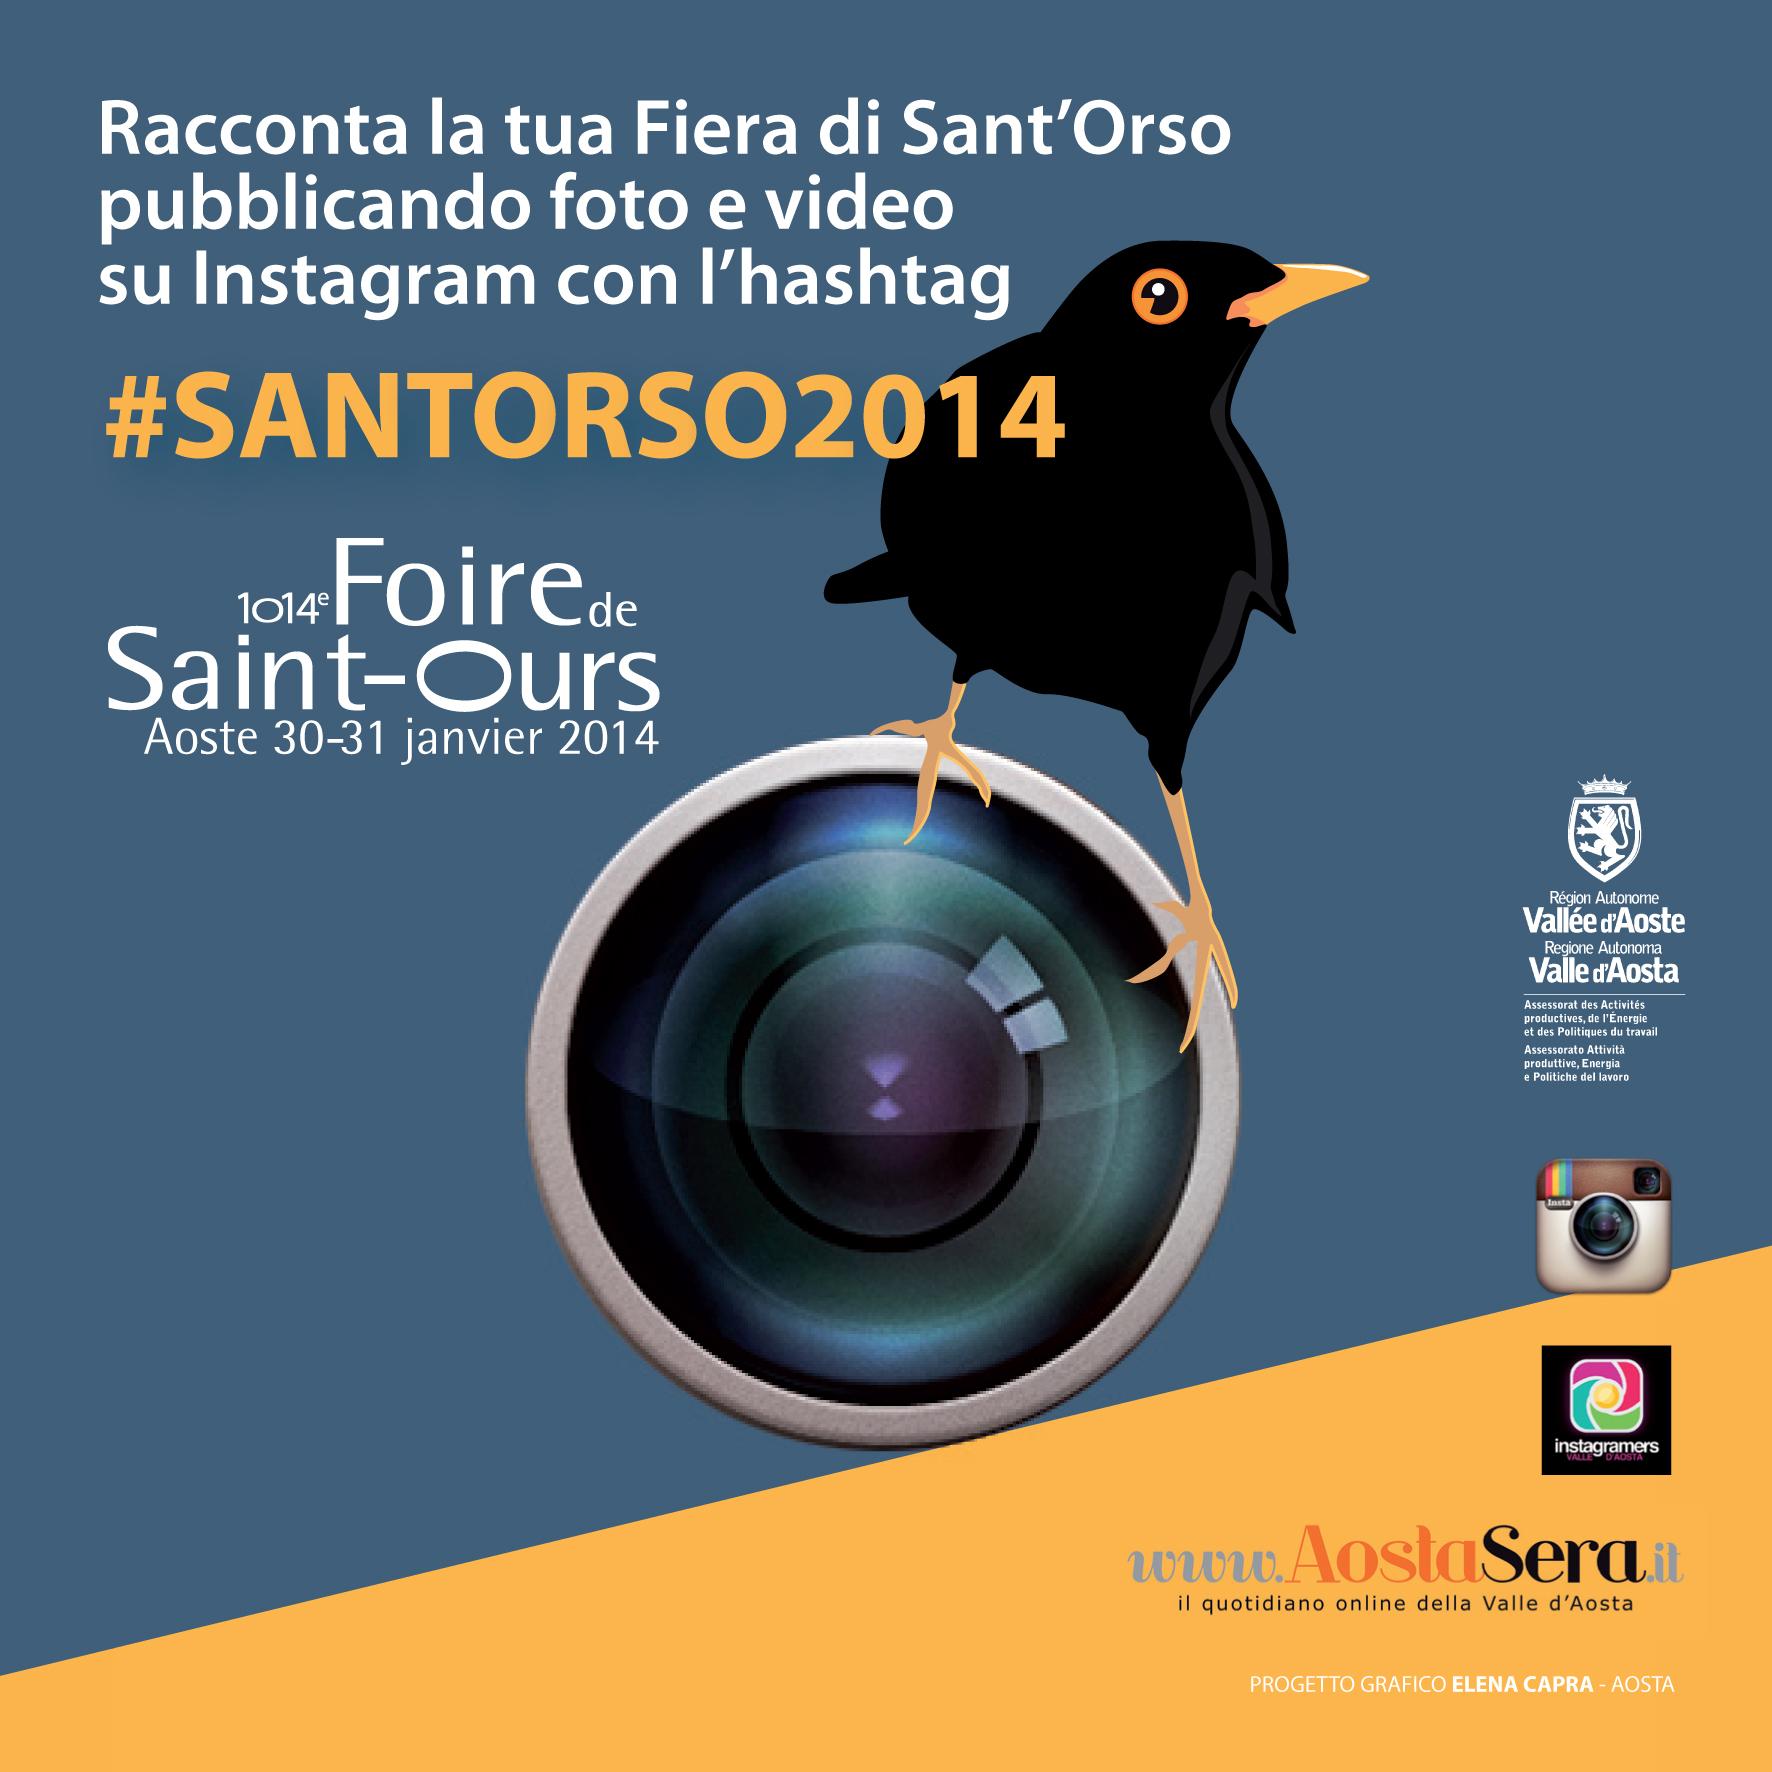 #santorso2014, la Fiera torna su Instagram